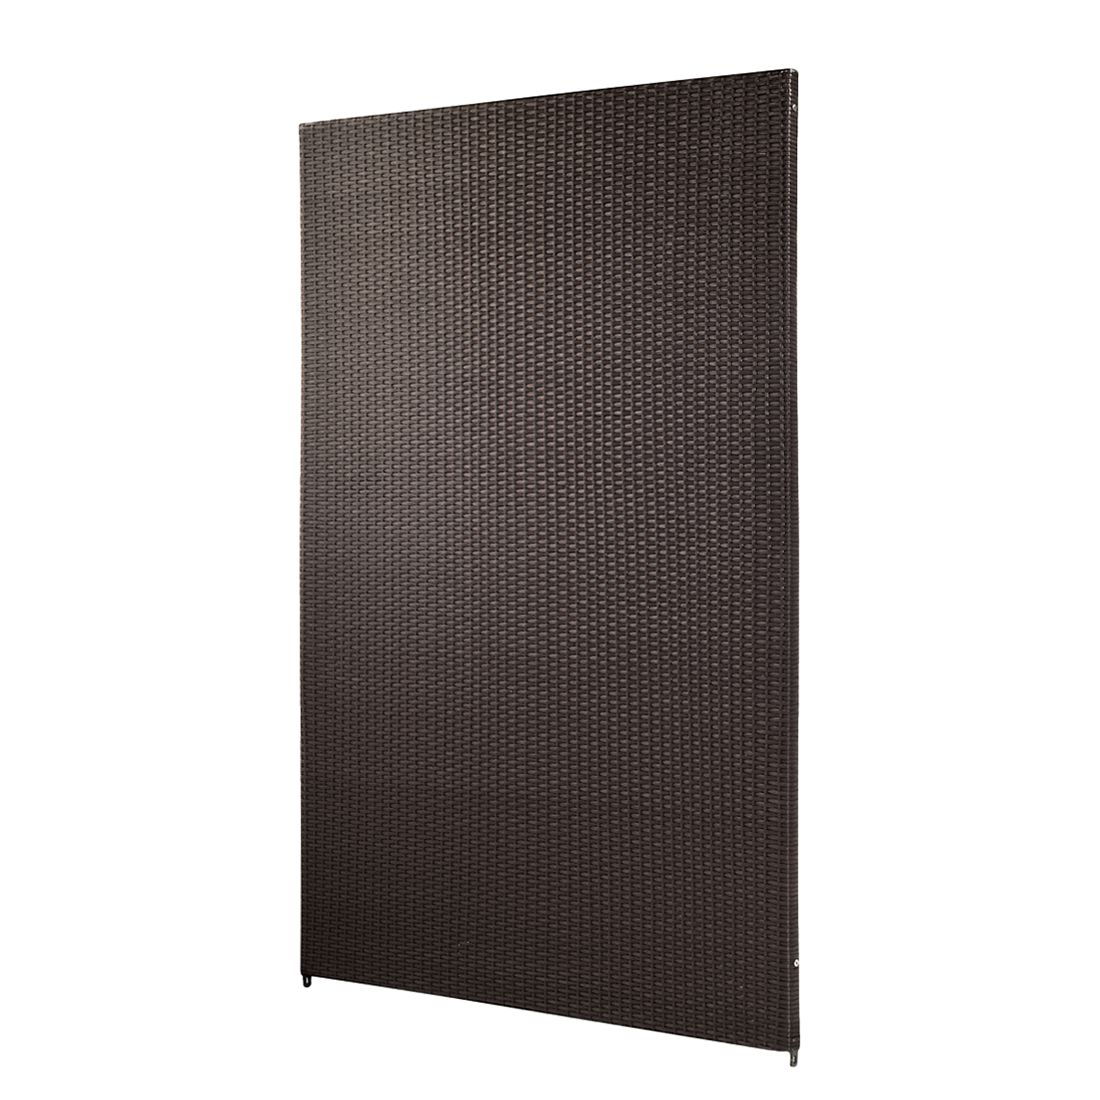 polyrattan sichtschutz f r balkon oder zaun pictures to. Black Bedroom Furniture Sets. Home Design Ideas